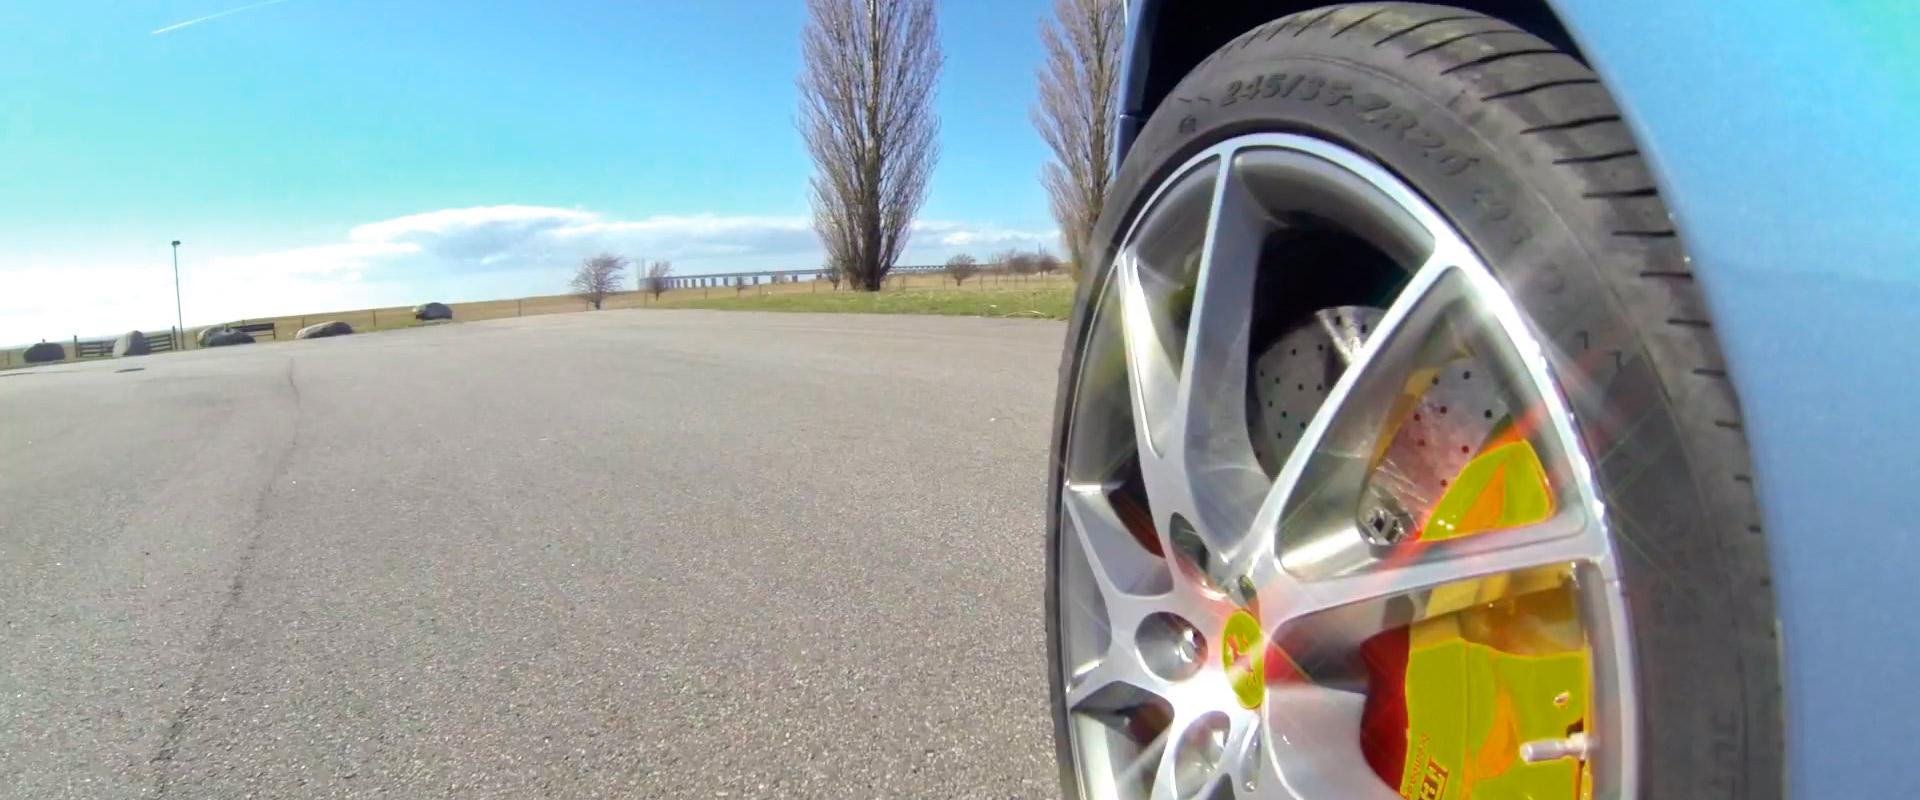 Ferrari mount with added bling.